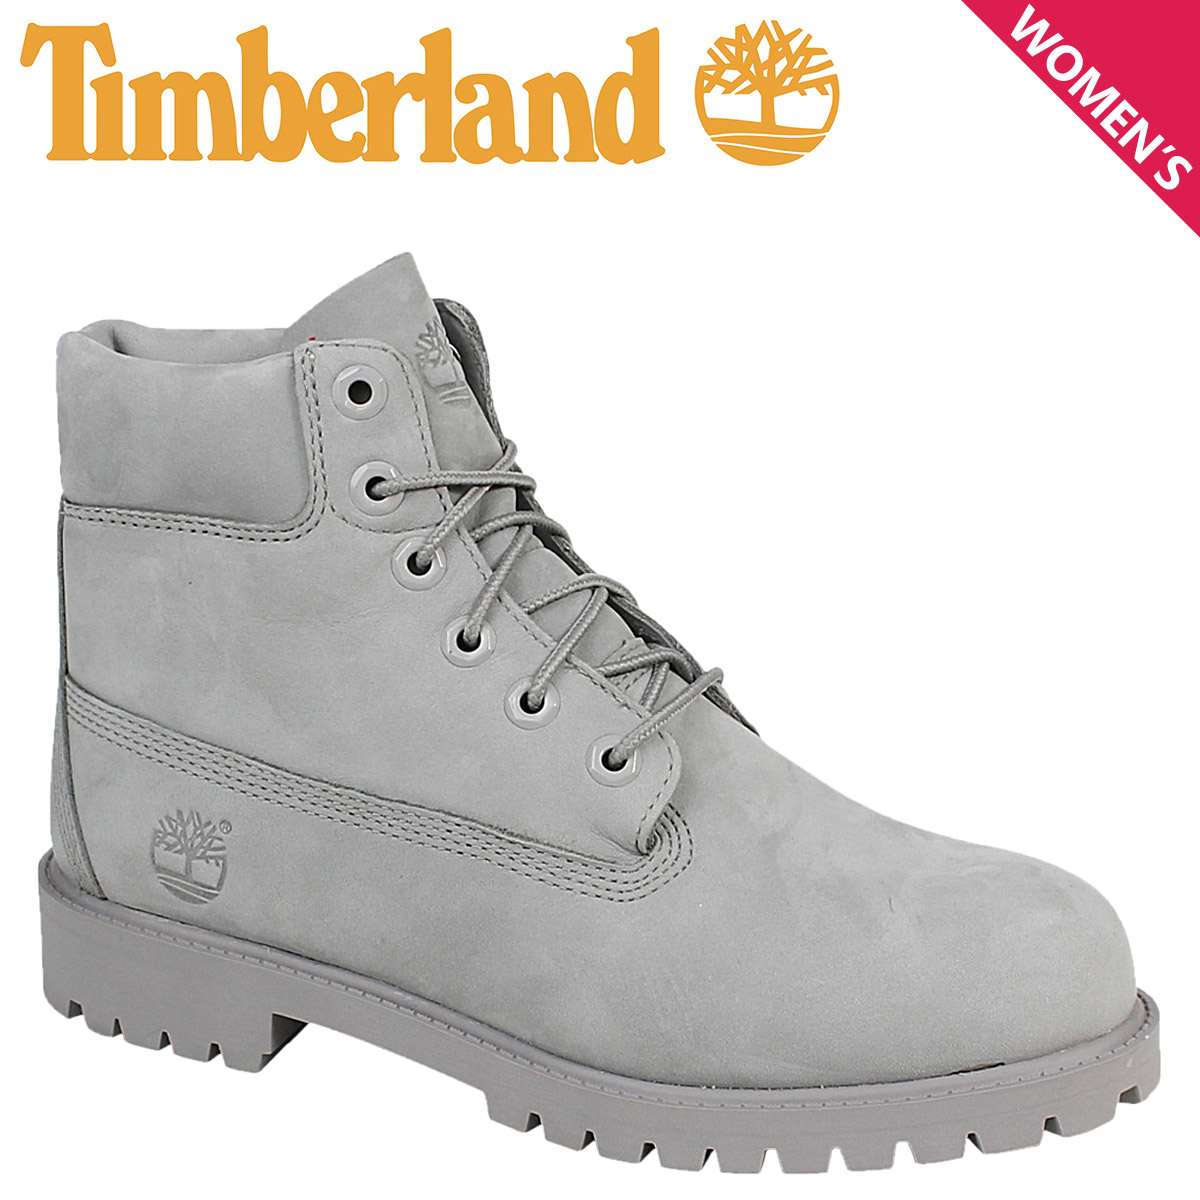 Timberland Women's Shoes Shoes 60items Rakuten  Rakuten